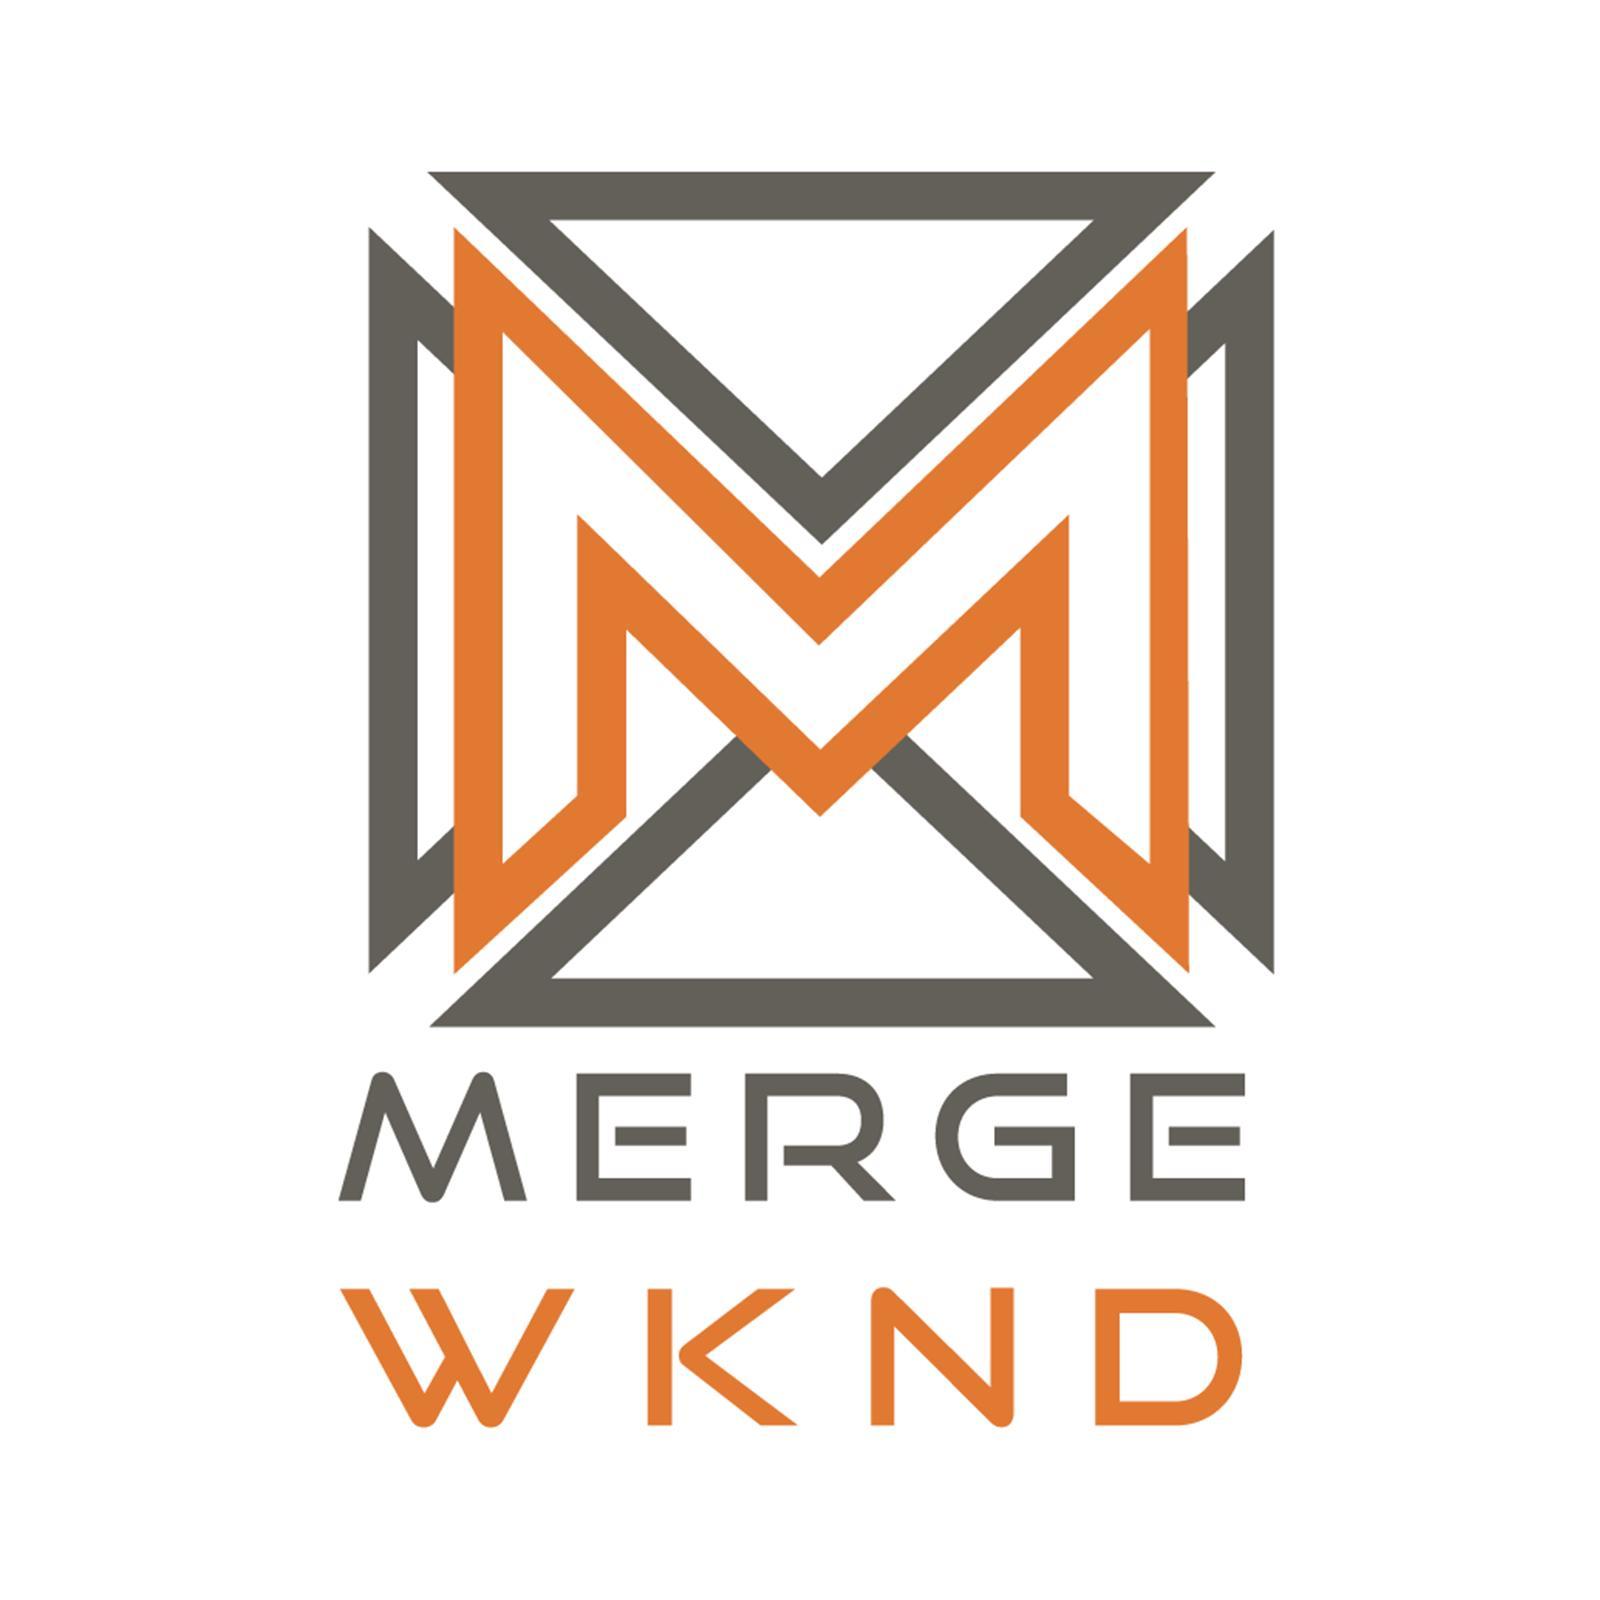 Merge WKND 2019